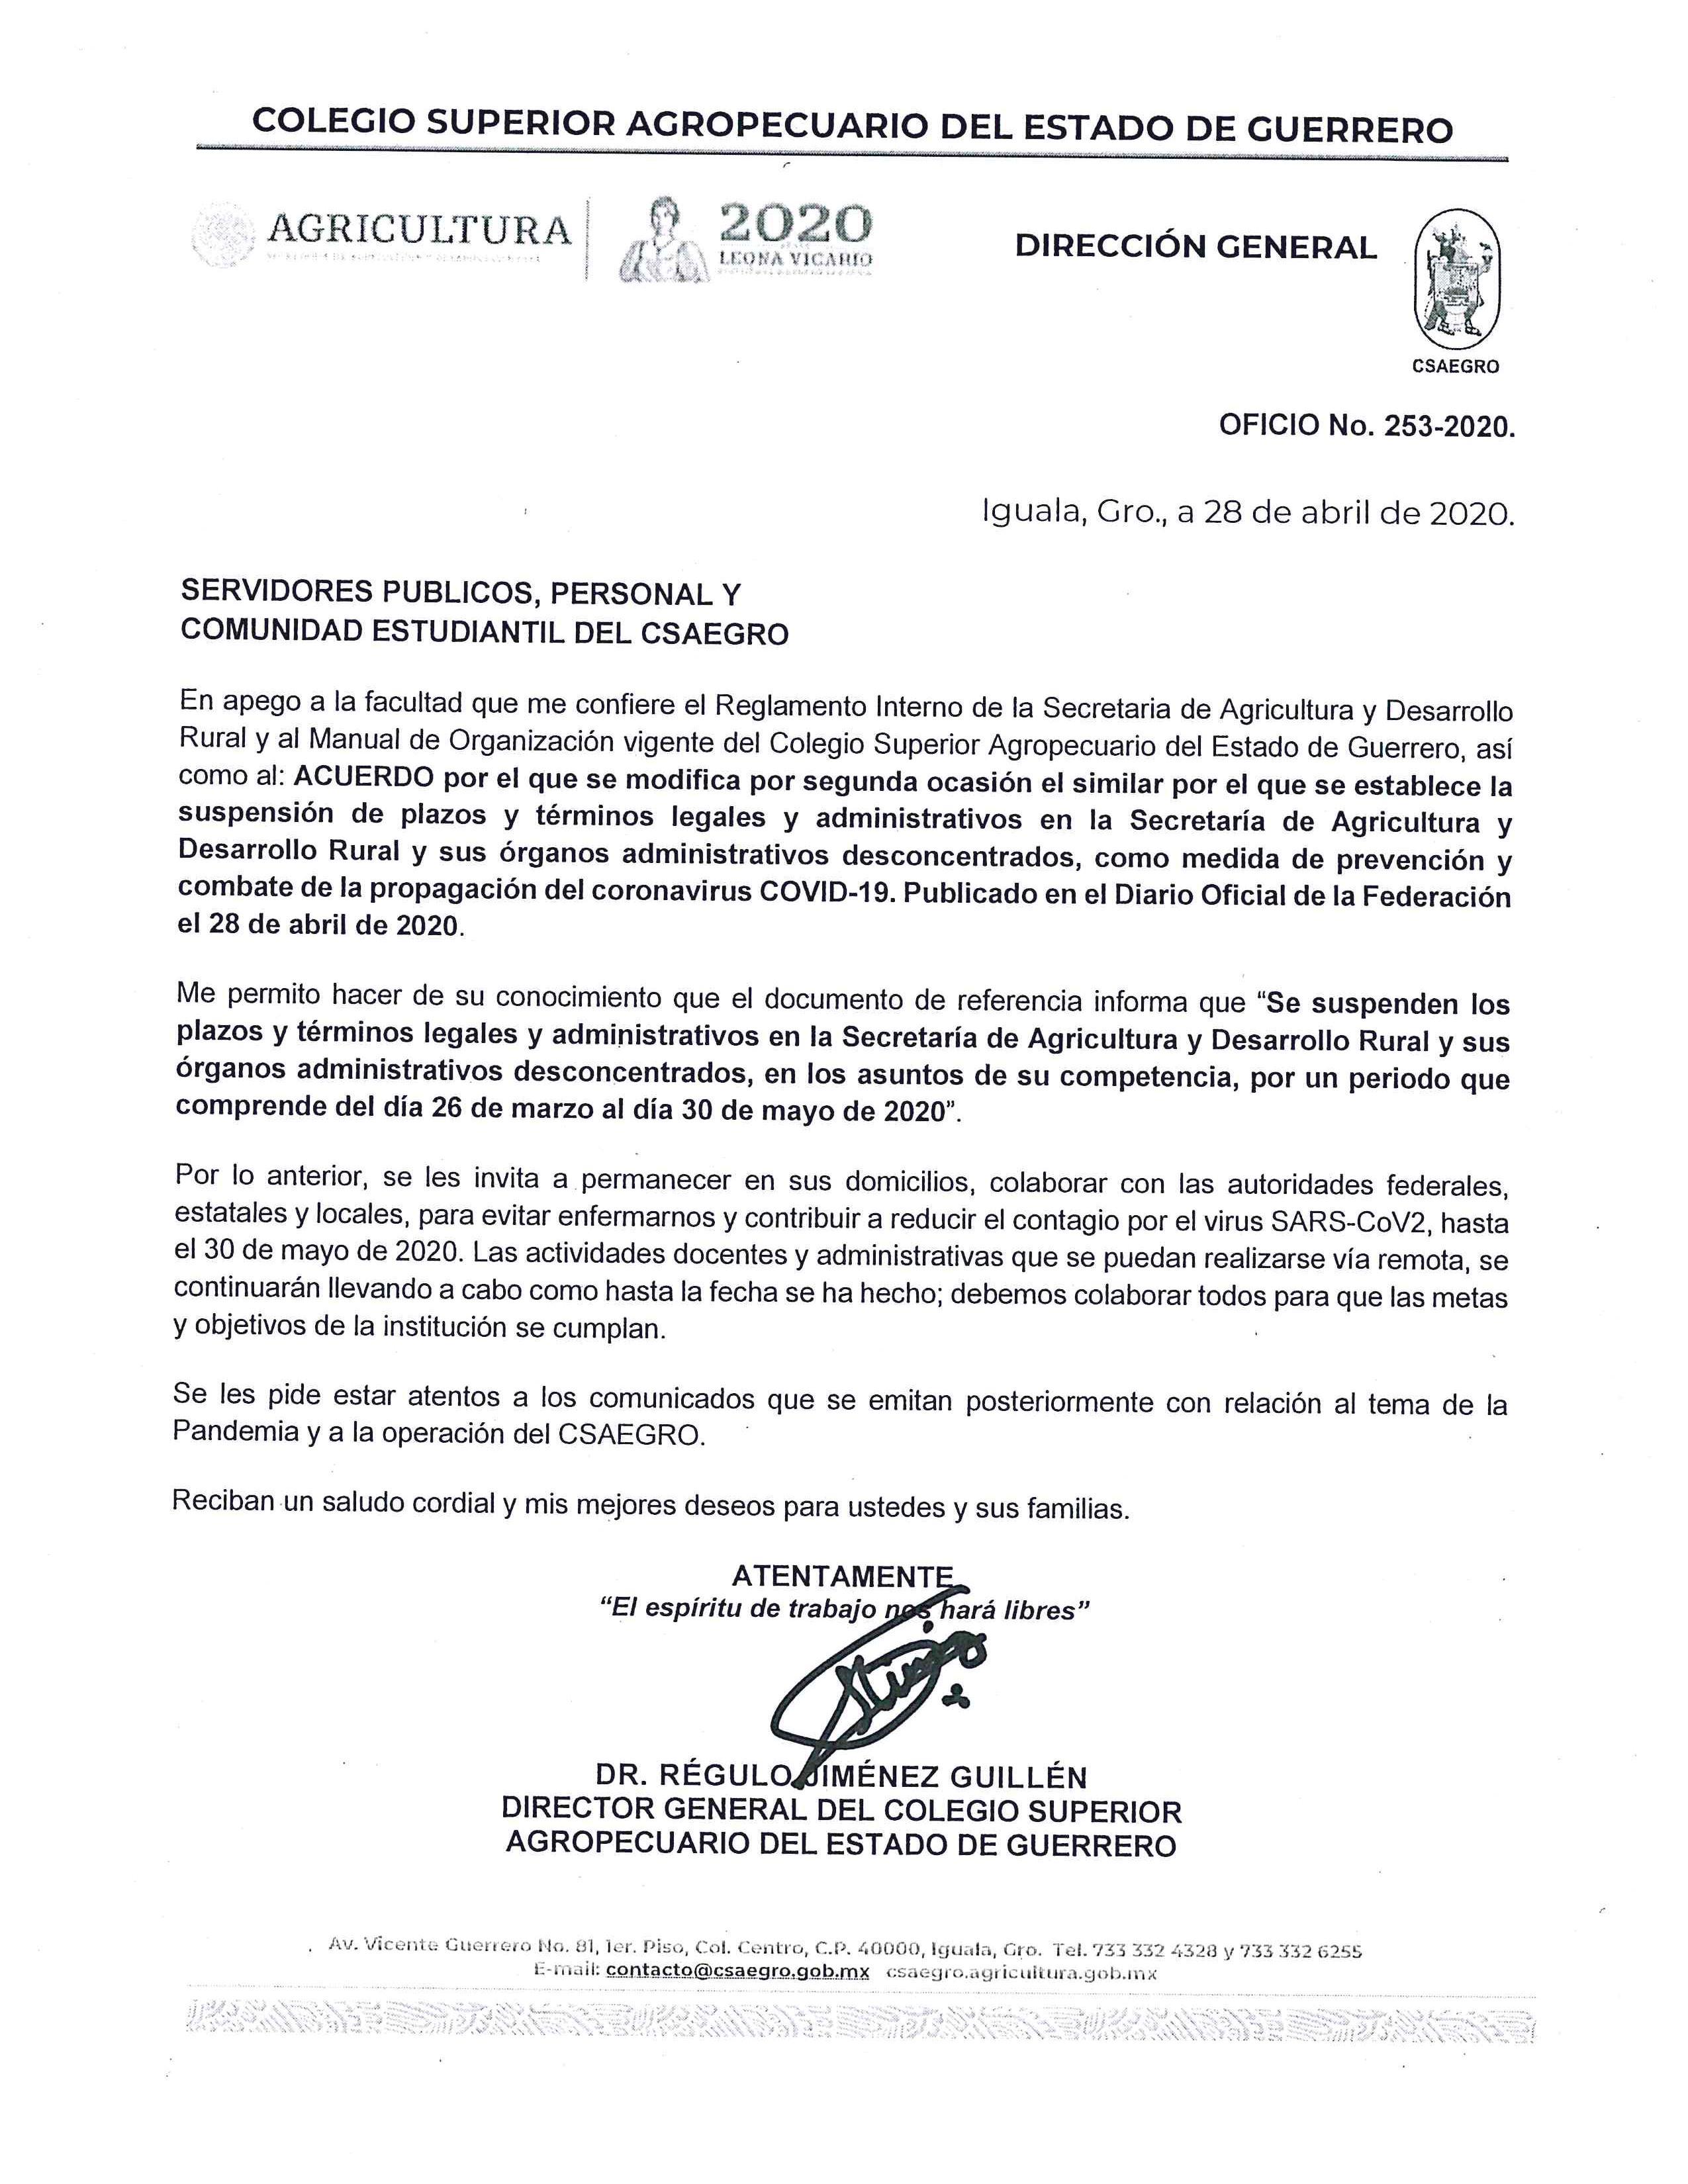 Oficio No. 253-2020. Comunidad CSAEGRO